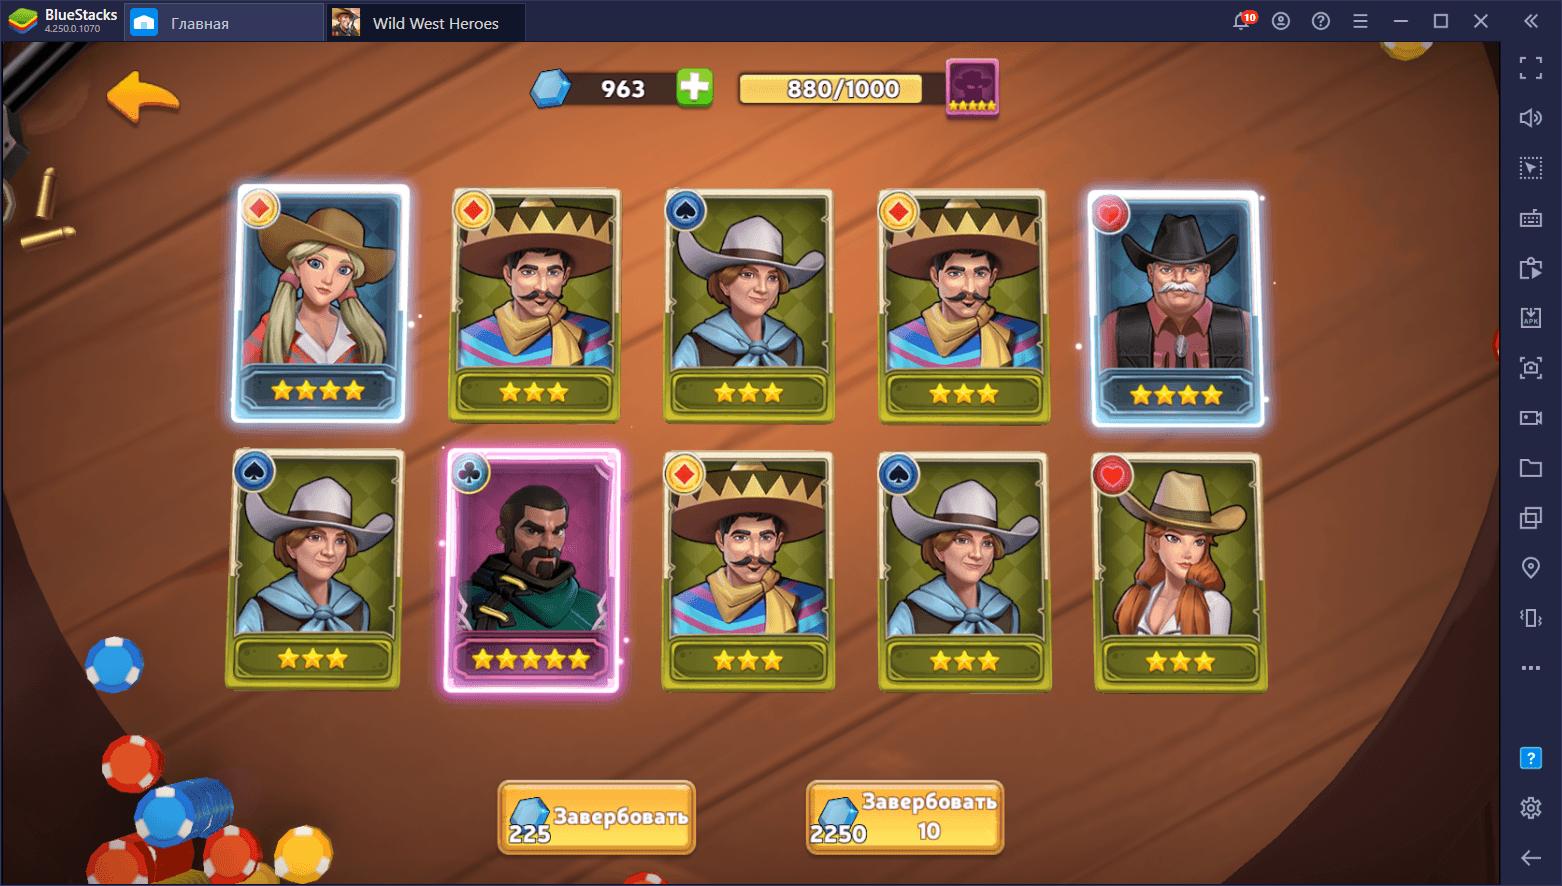 Как выигрывать перестрелки в Wild West Heroes